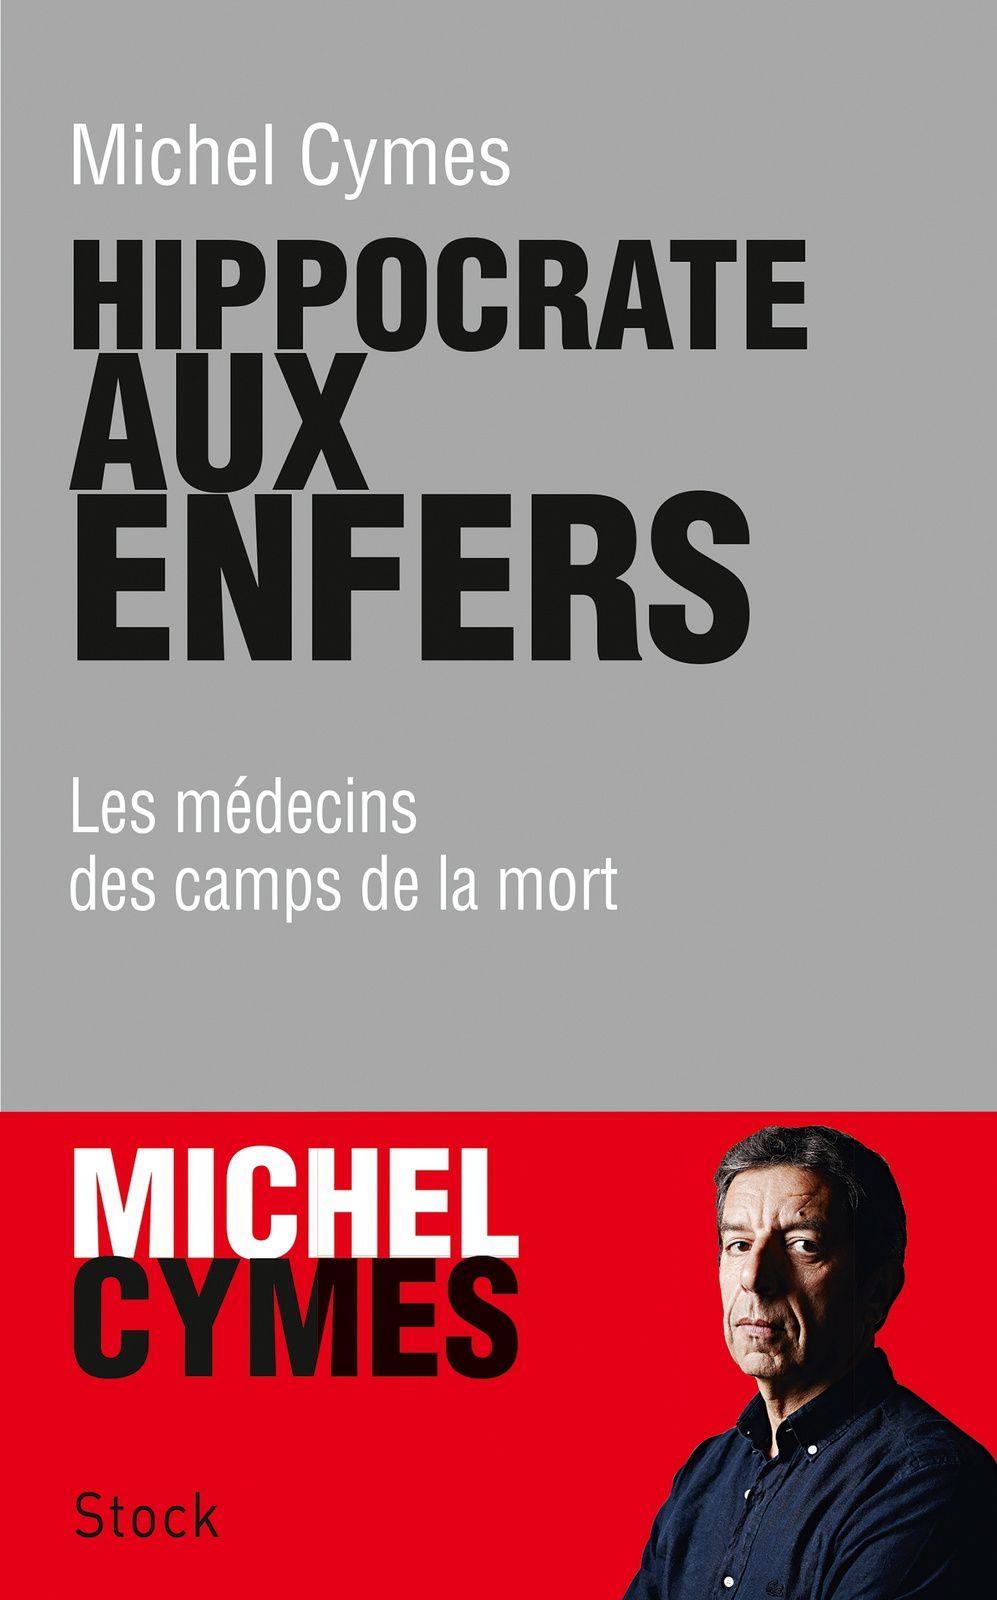 médecins nazis? Un livre clé de Michel Cymes